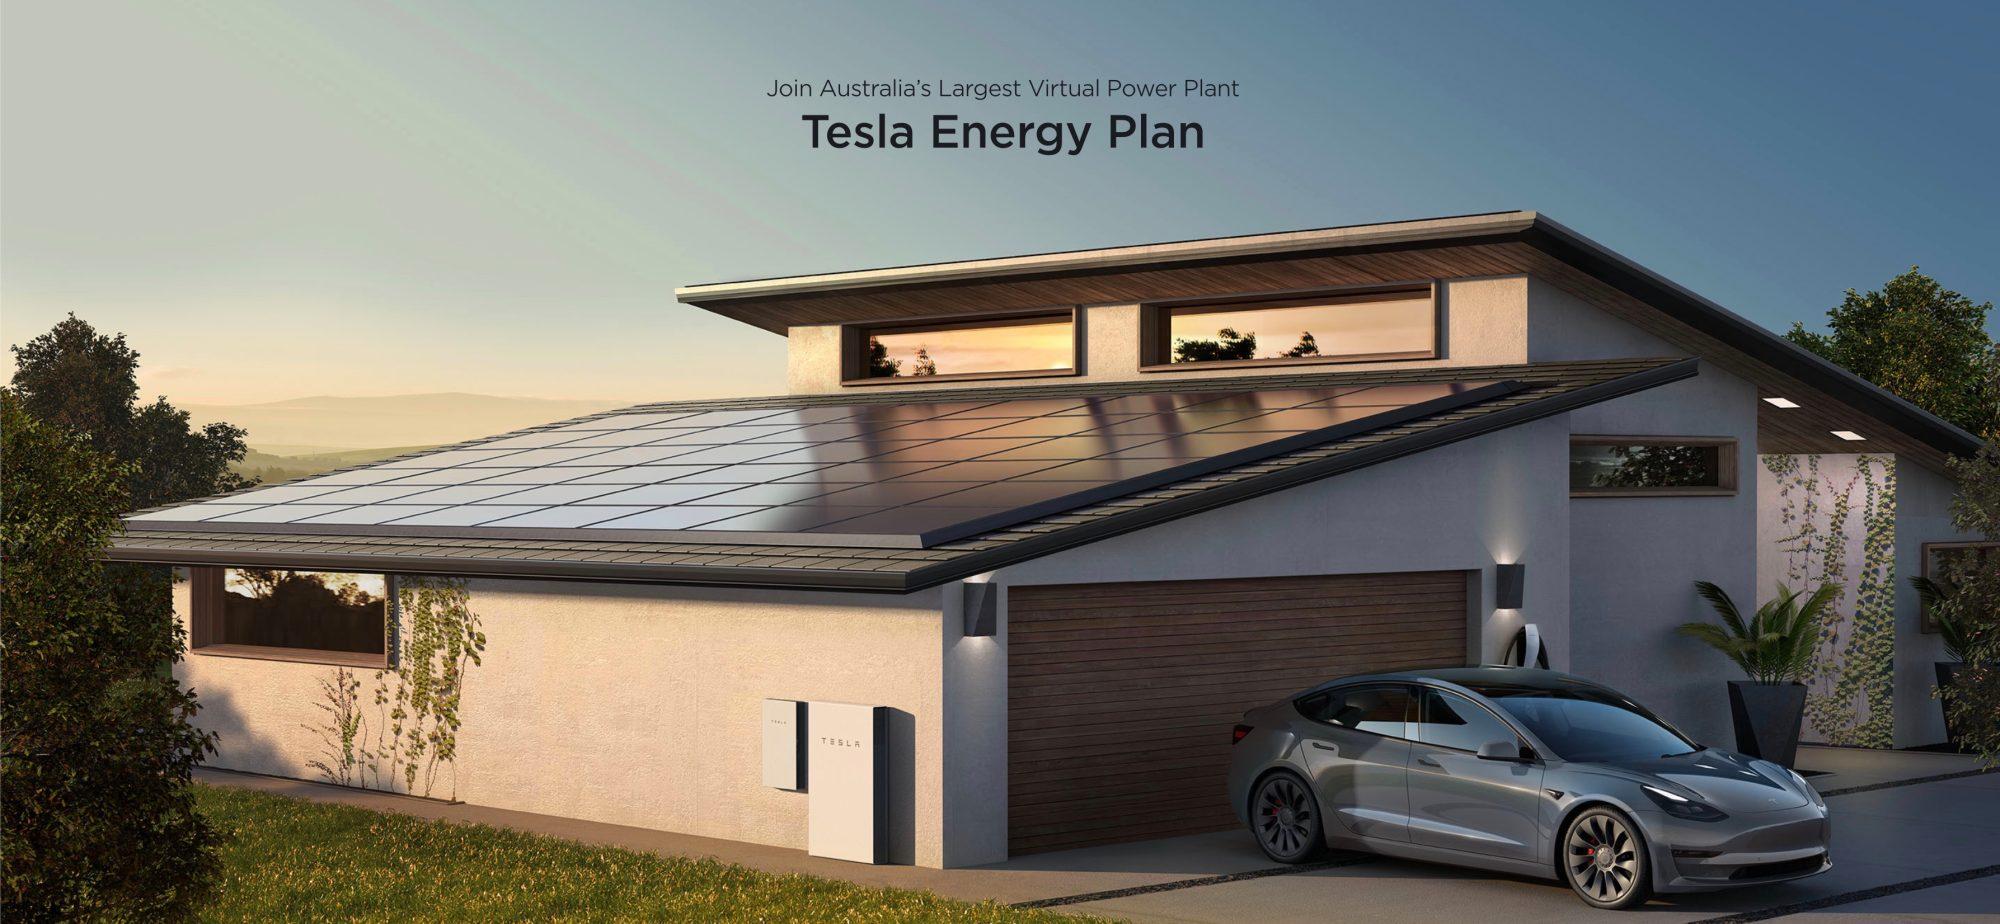 Tesla Energy Plan.